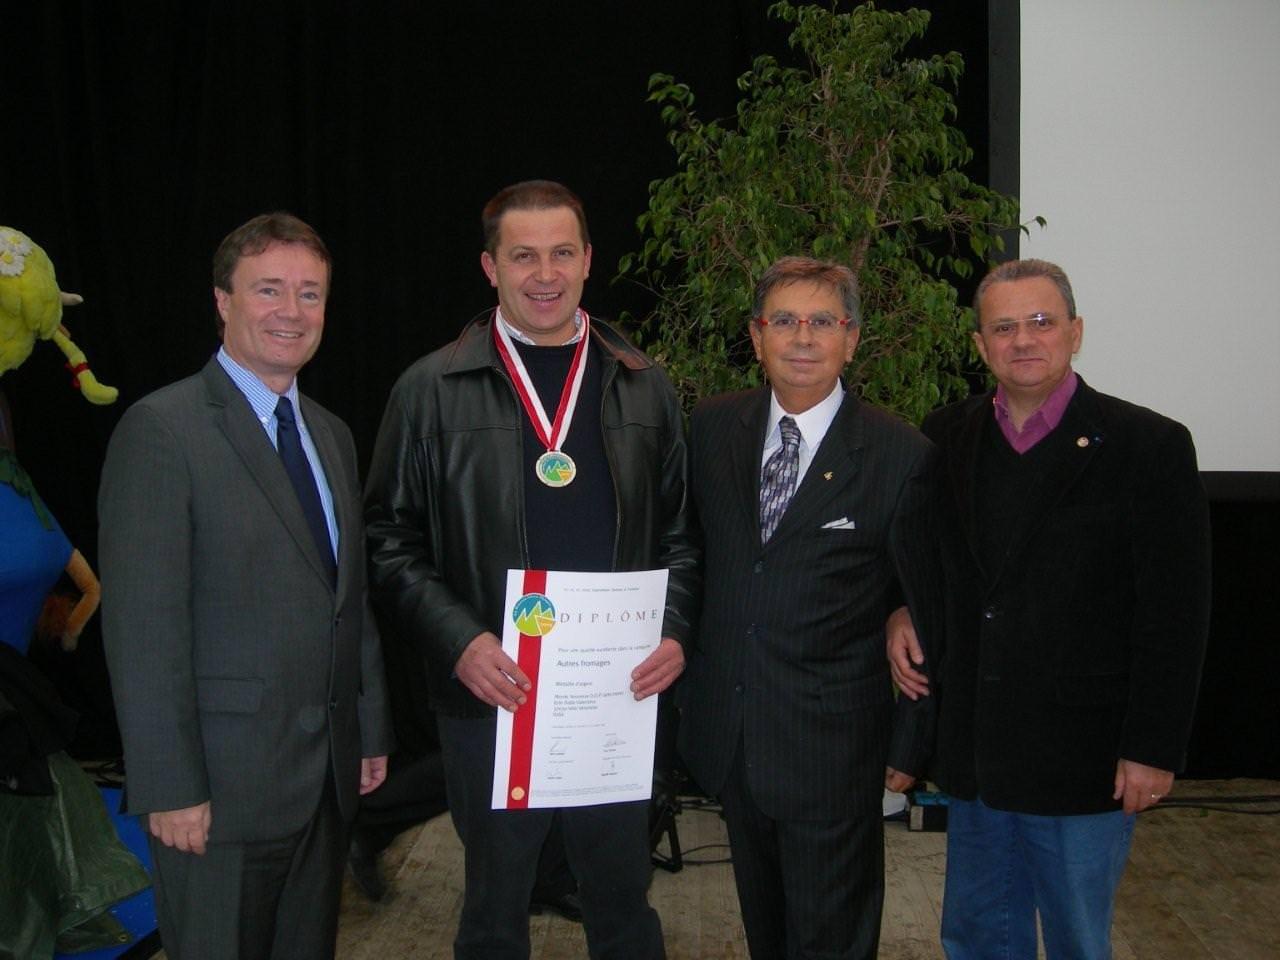 Olimpiadi: ottimo risultato del formaggio Monte Veronese DOP che conquista un argento e due premi speciali